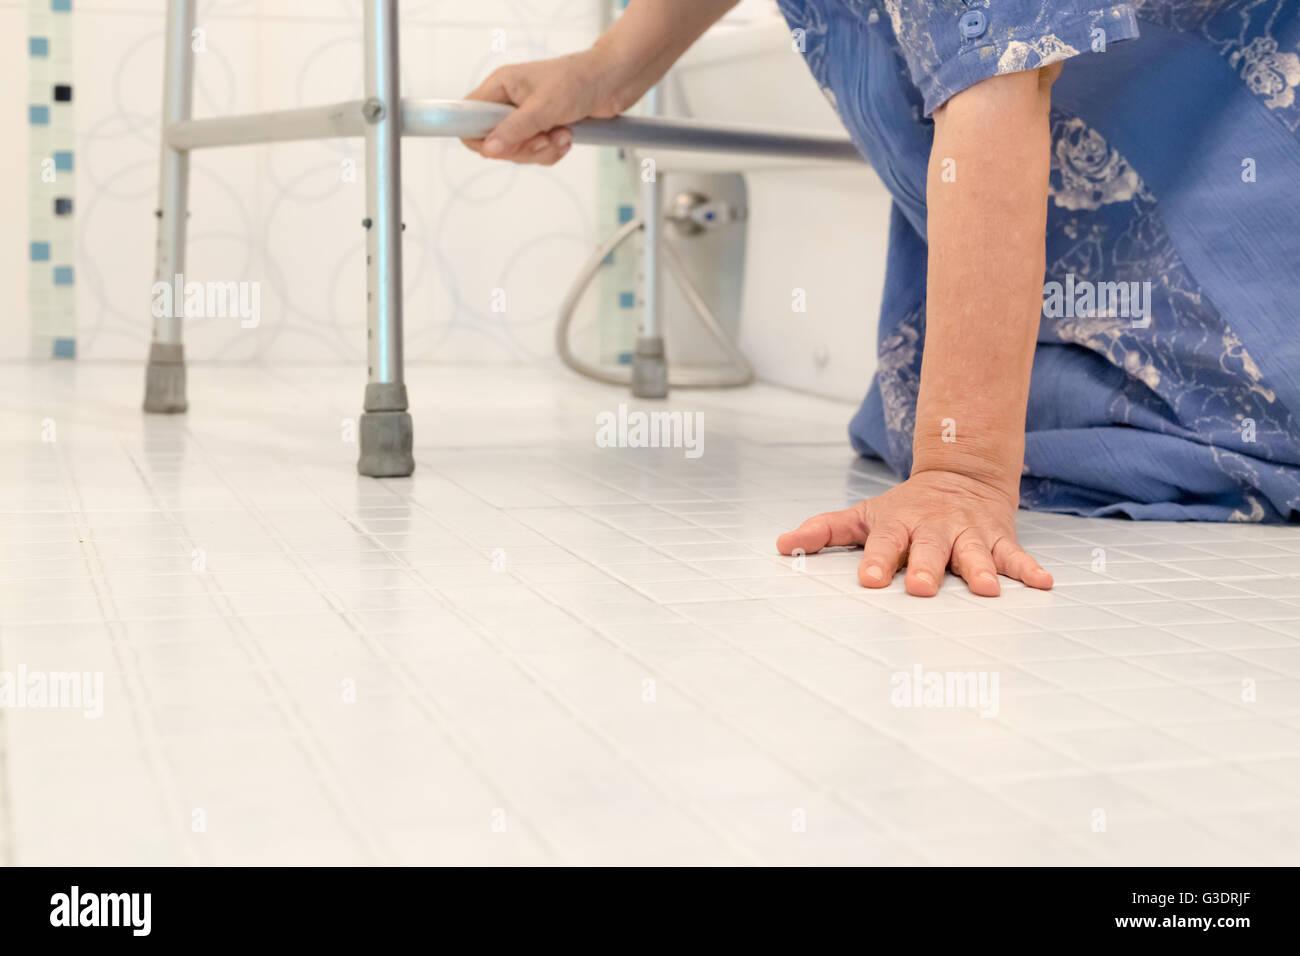 Donna anziana caduta in bagno a causa di superfici scivolose Foto Stock